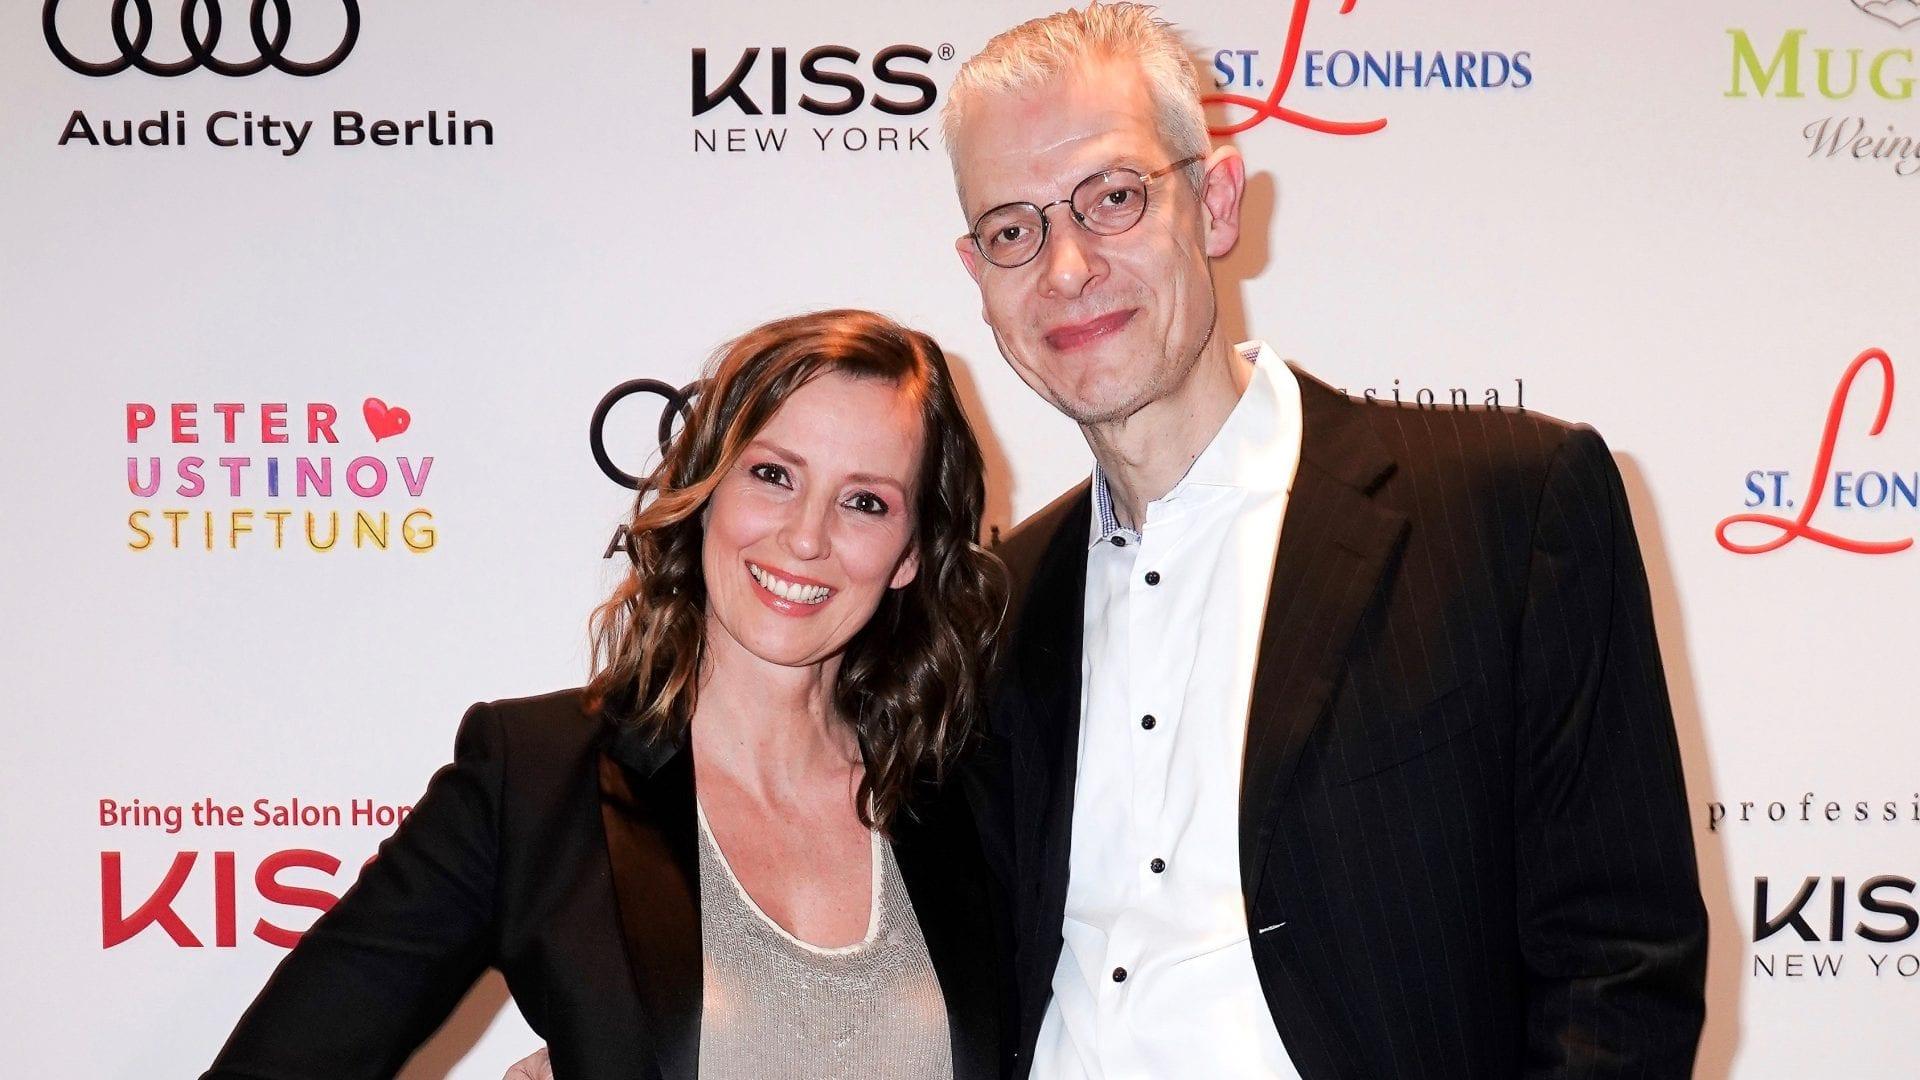 Berlinale 2018 |Moderatorin Kristina zur Mühlen und Andreas Schwarzhaupt |Peter Ustinov Stiftung